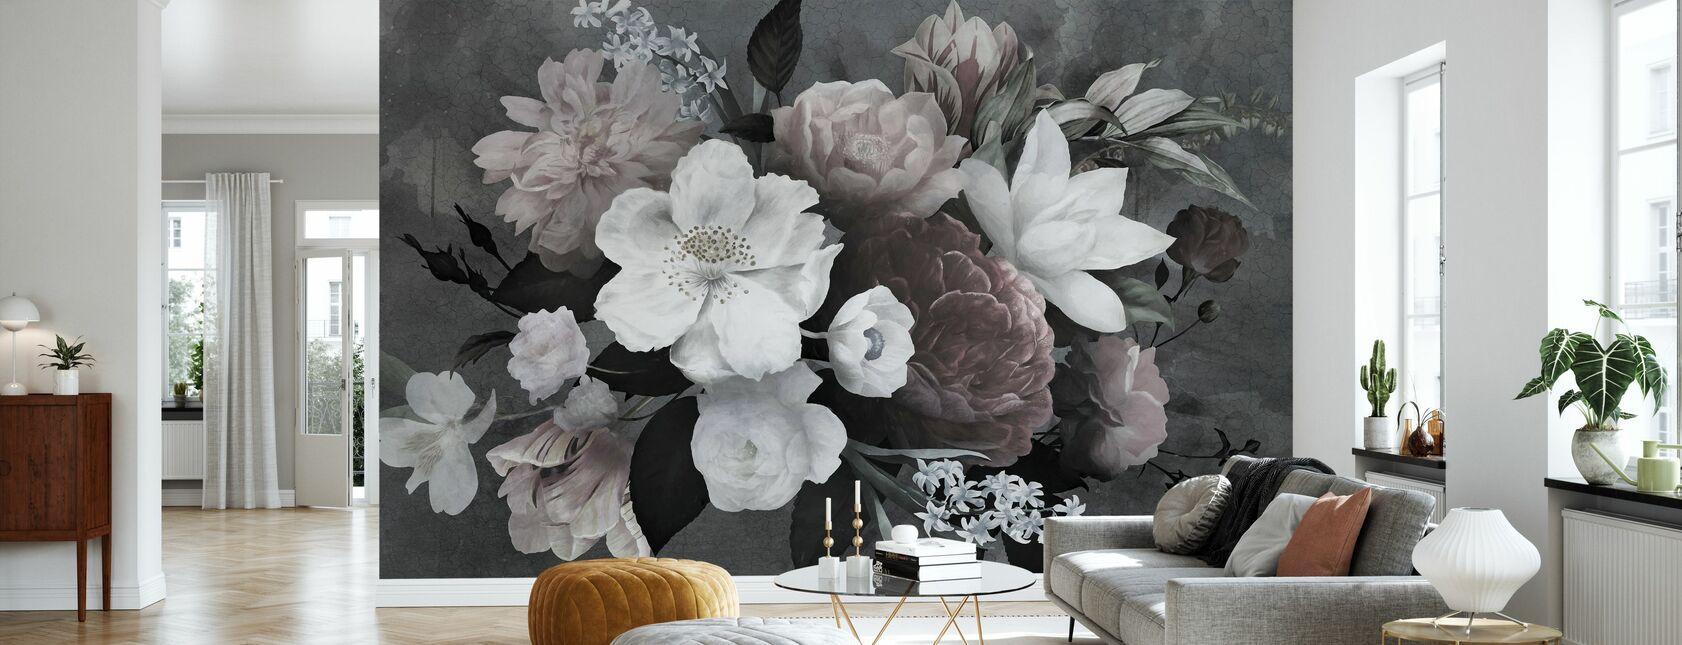 Vintage Blumen - Tapete - Wohnzimmer